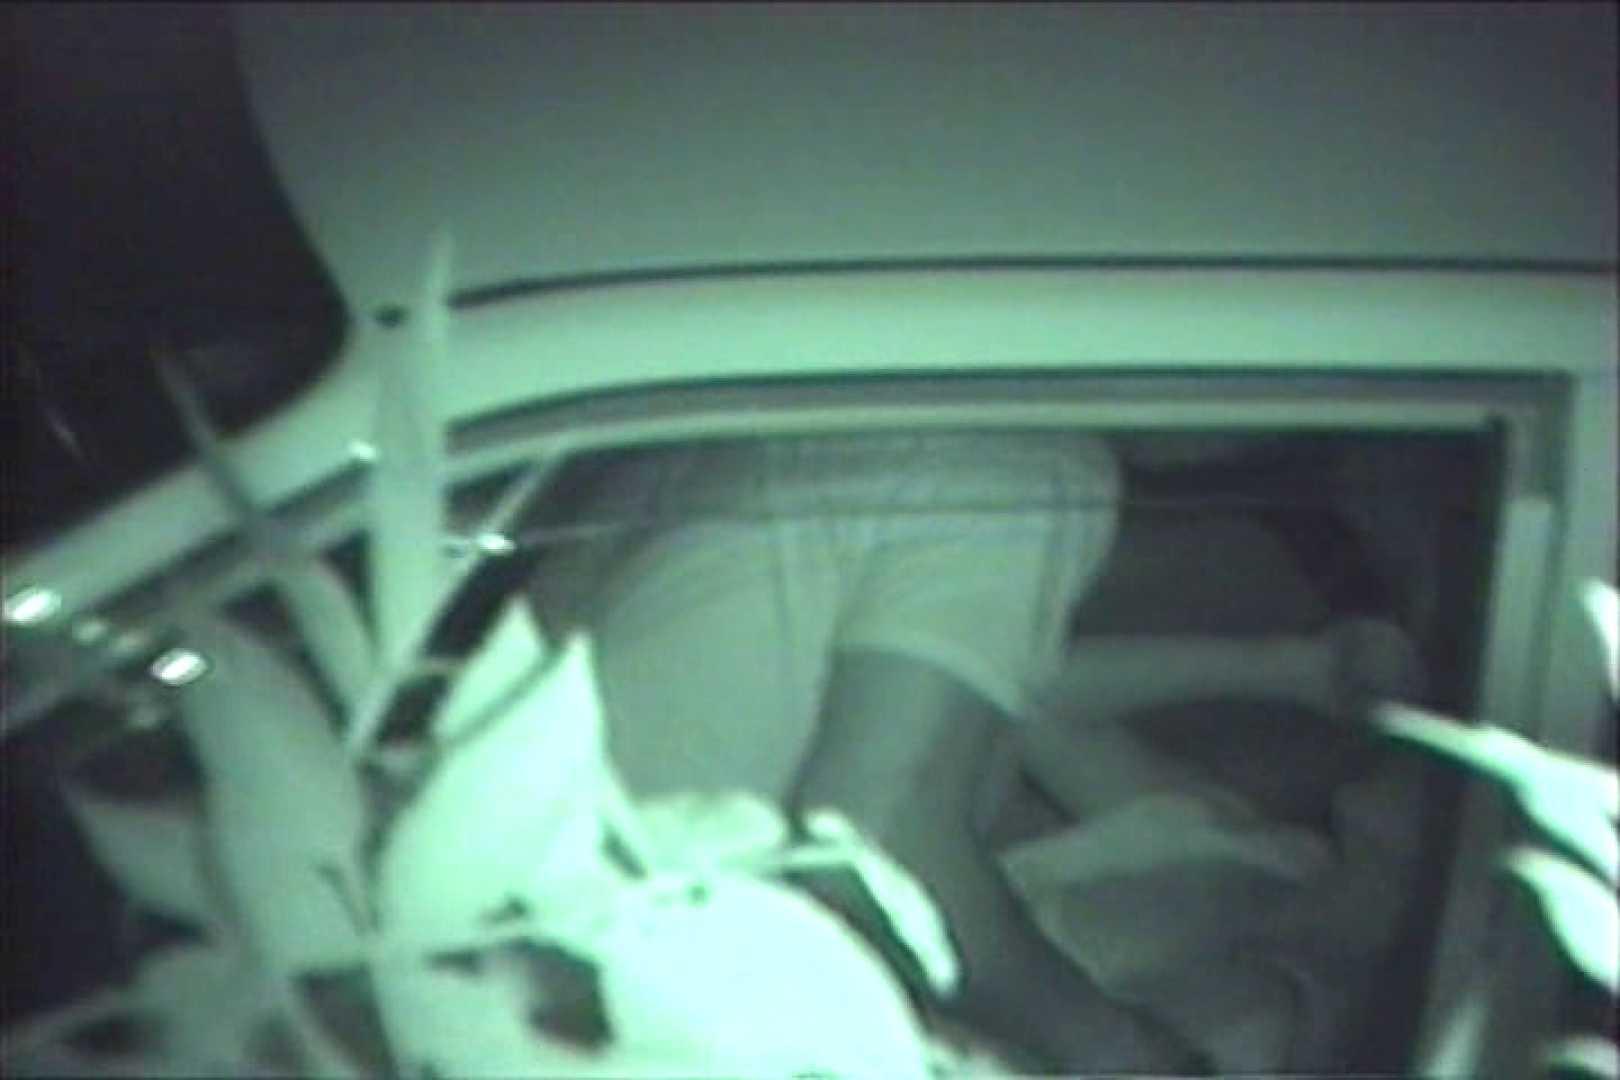 車の中はラブホテル 無修正版  Vol.18 カップル記念日 おまんこ動画流出 80連発 80